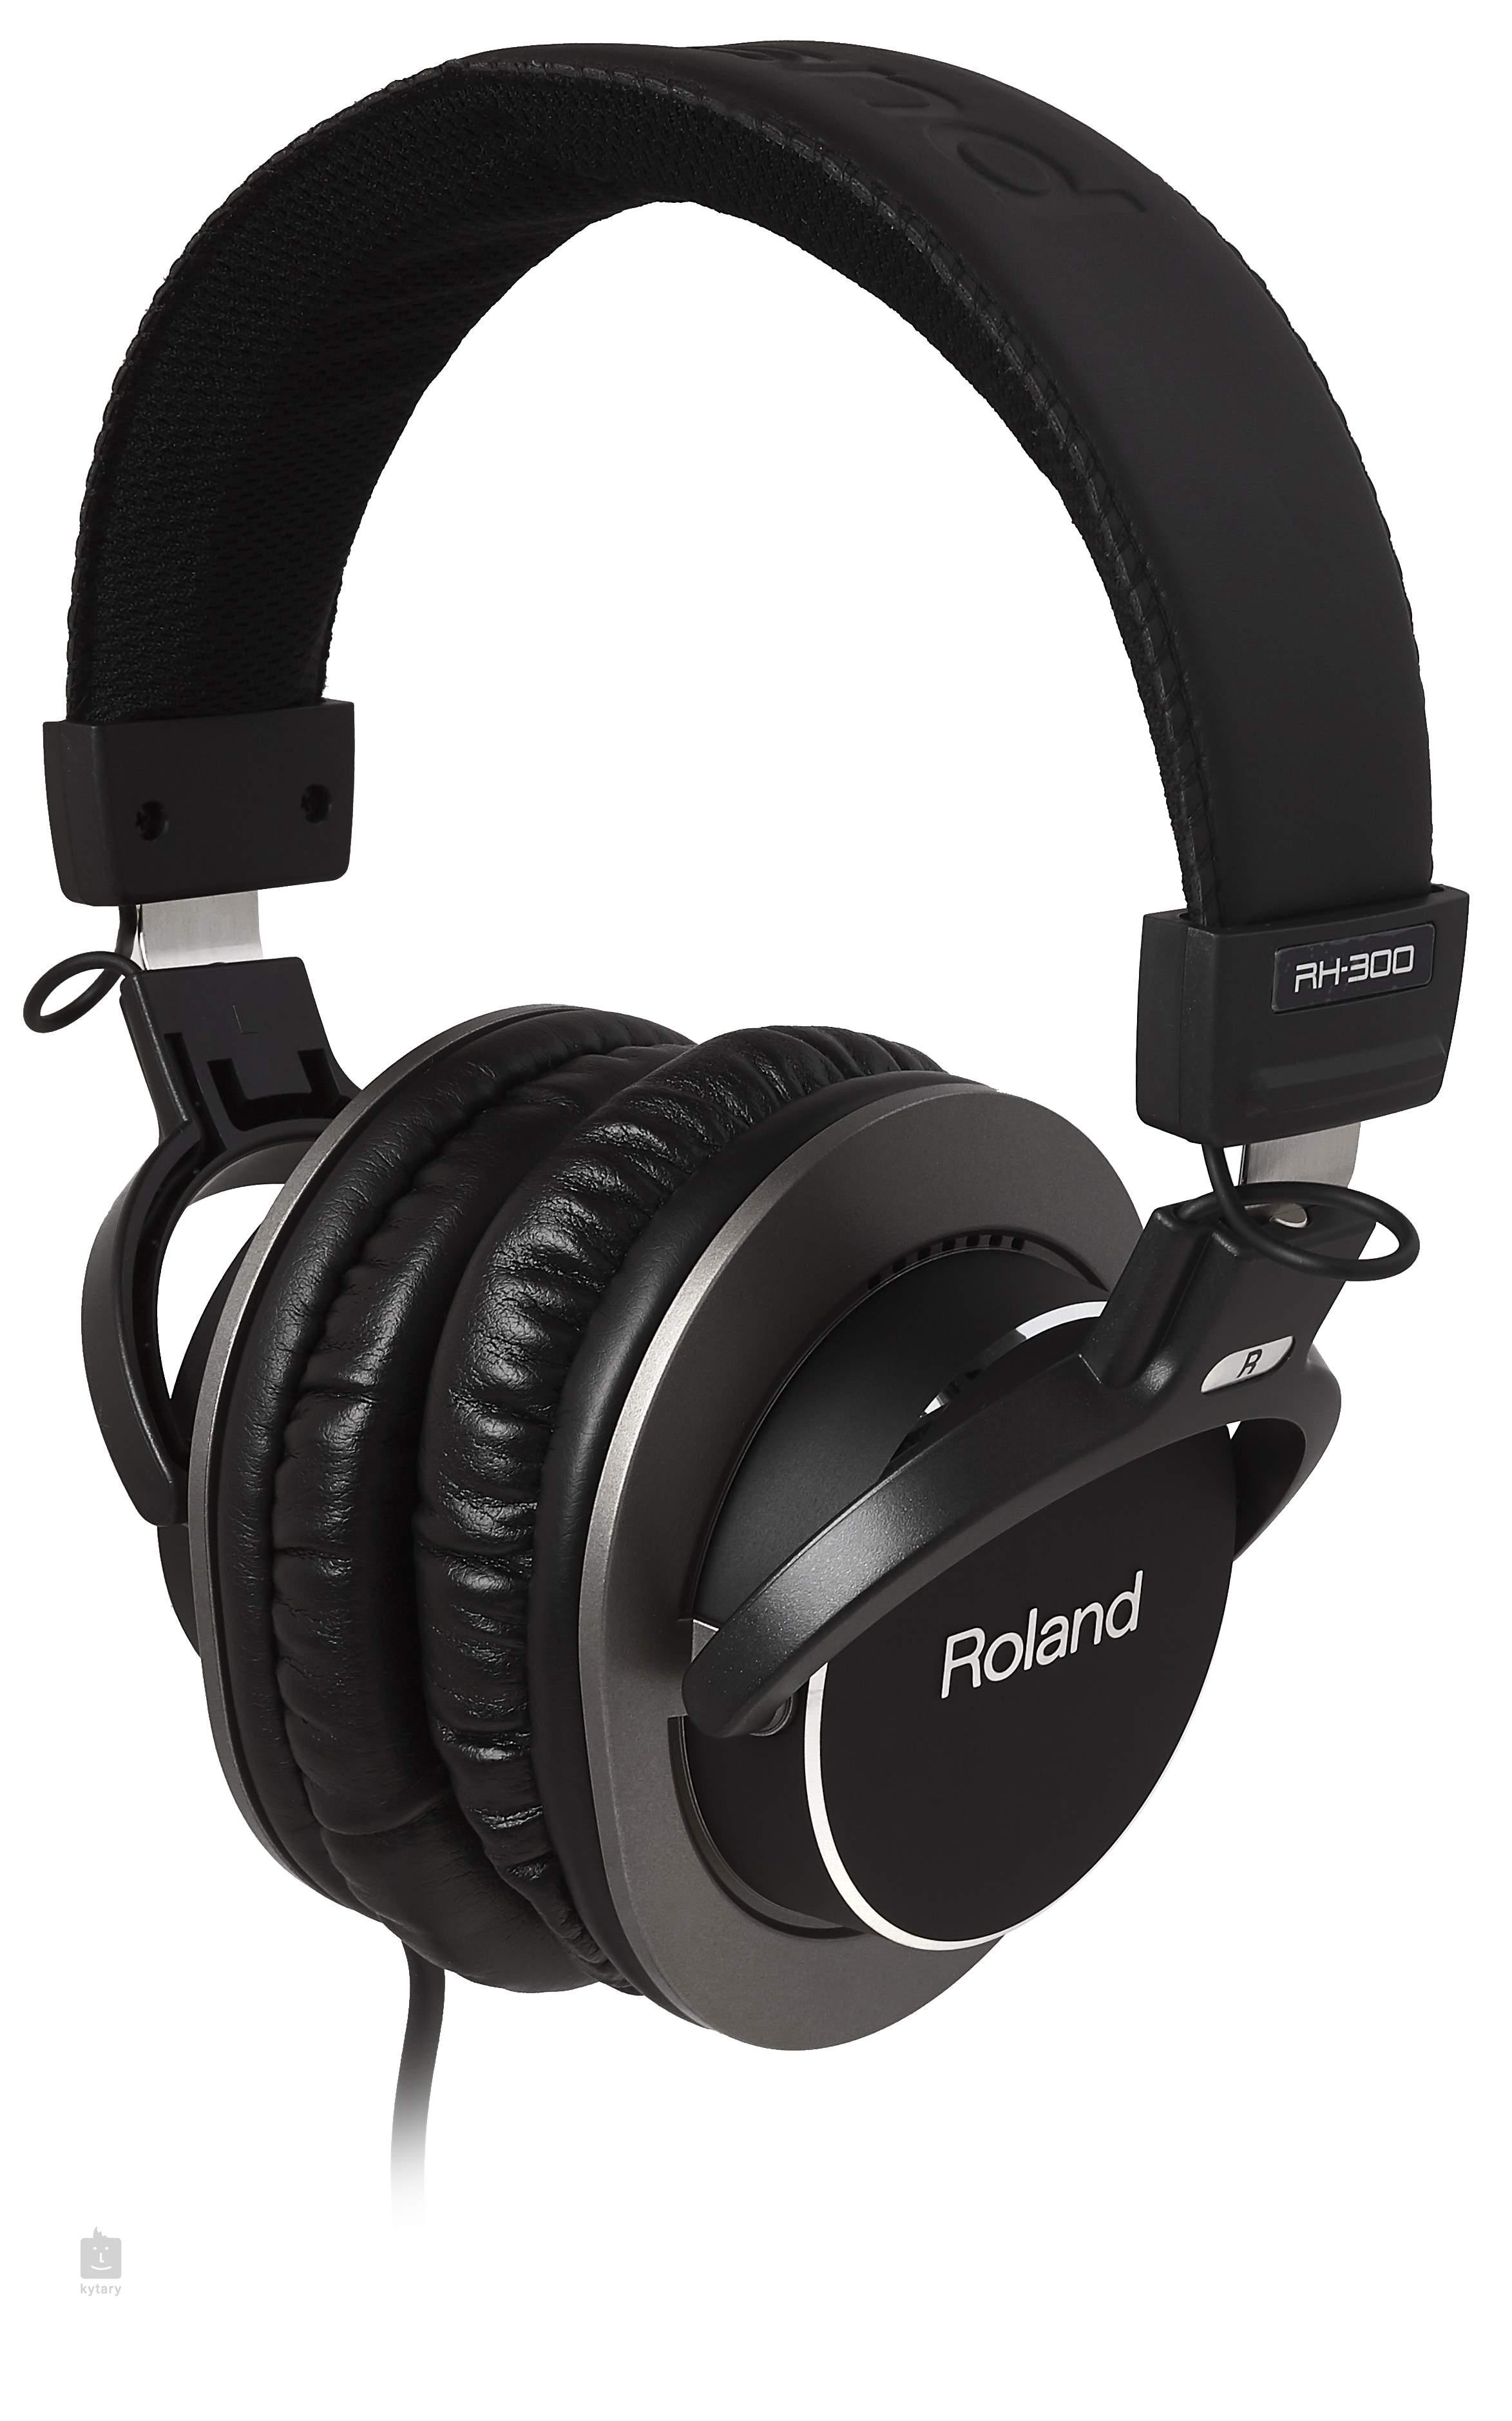 ROLAND RH-300 Cuffie da studio 25d2a40870b9